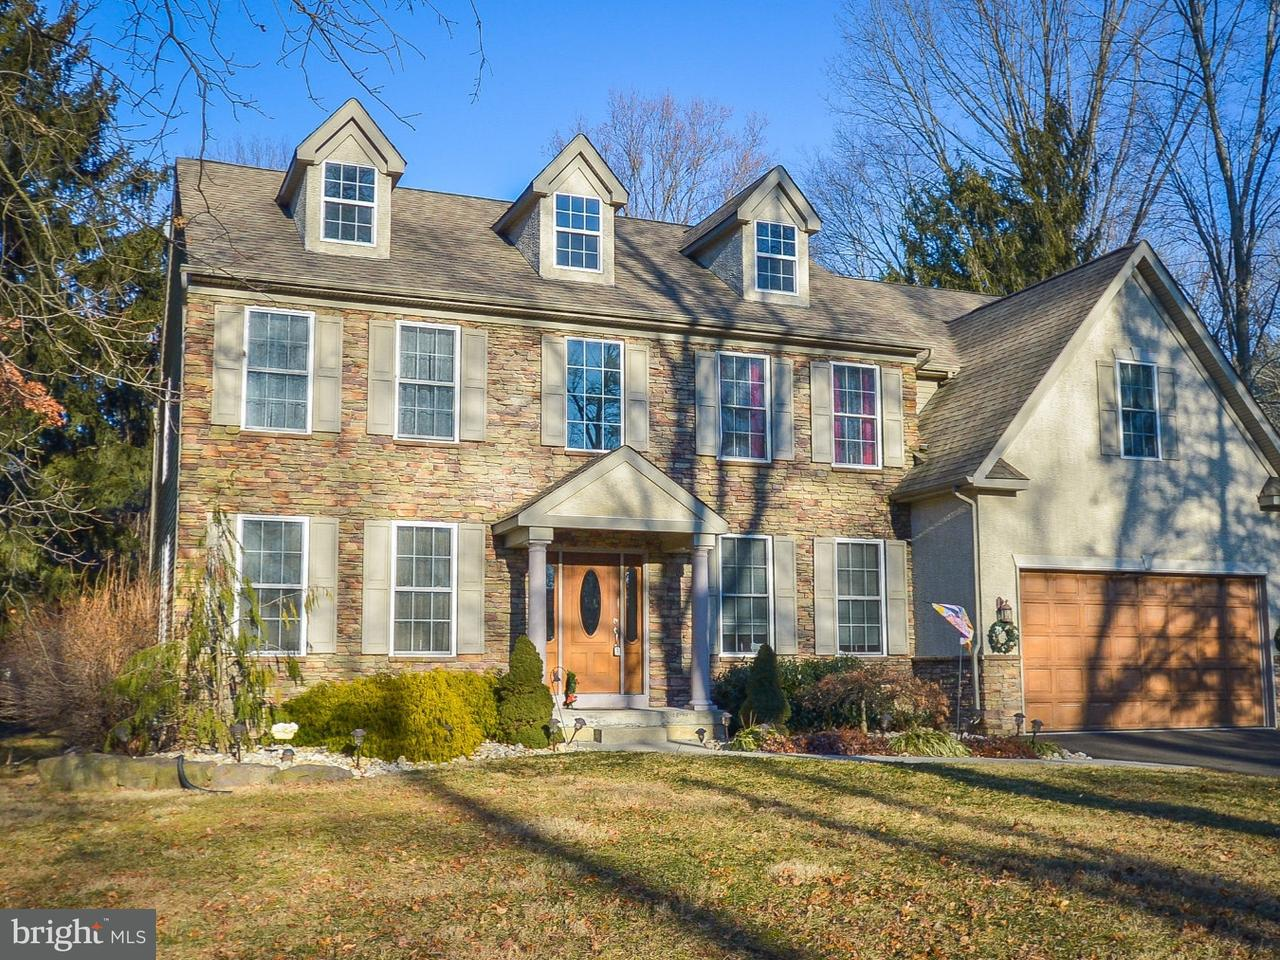 Maison unifamiliale pour l Vente à 941 BRISTOL Road Churchville, Pennsylvanie 18966 États-Unis